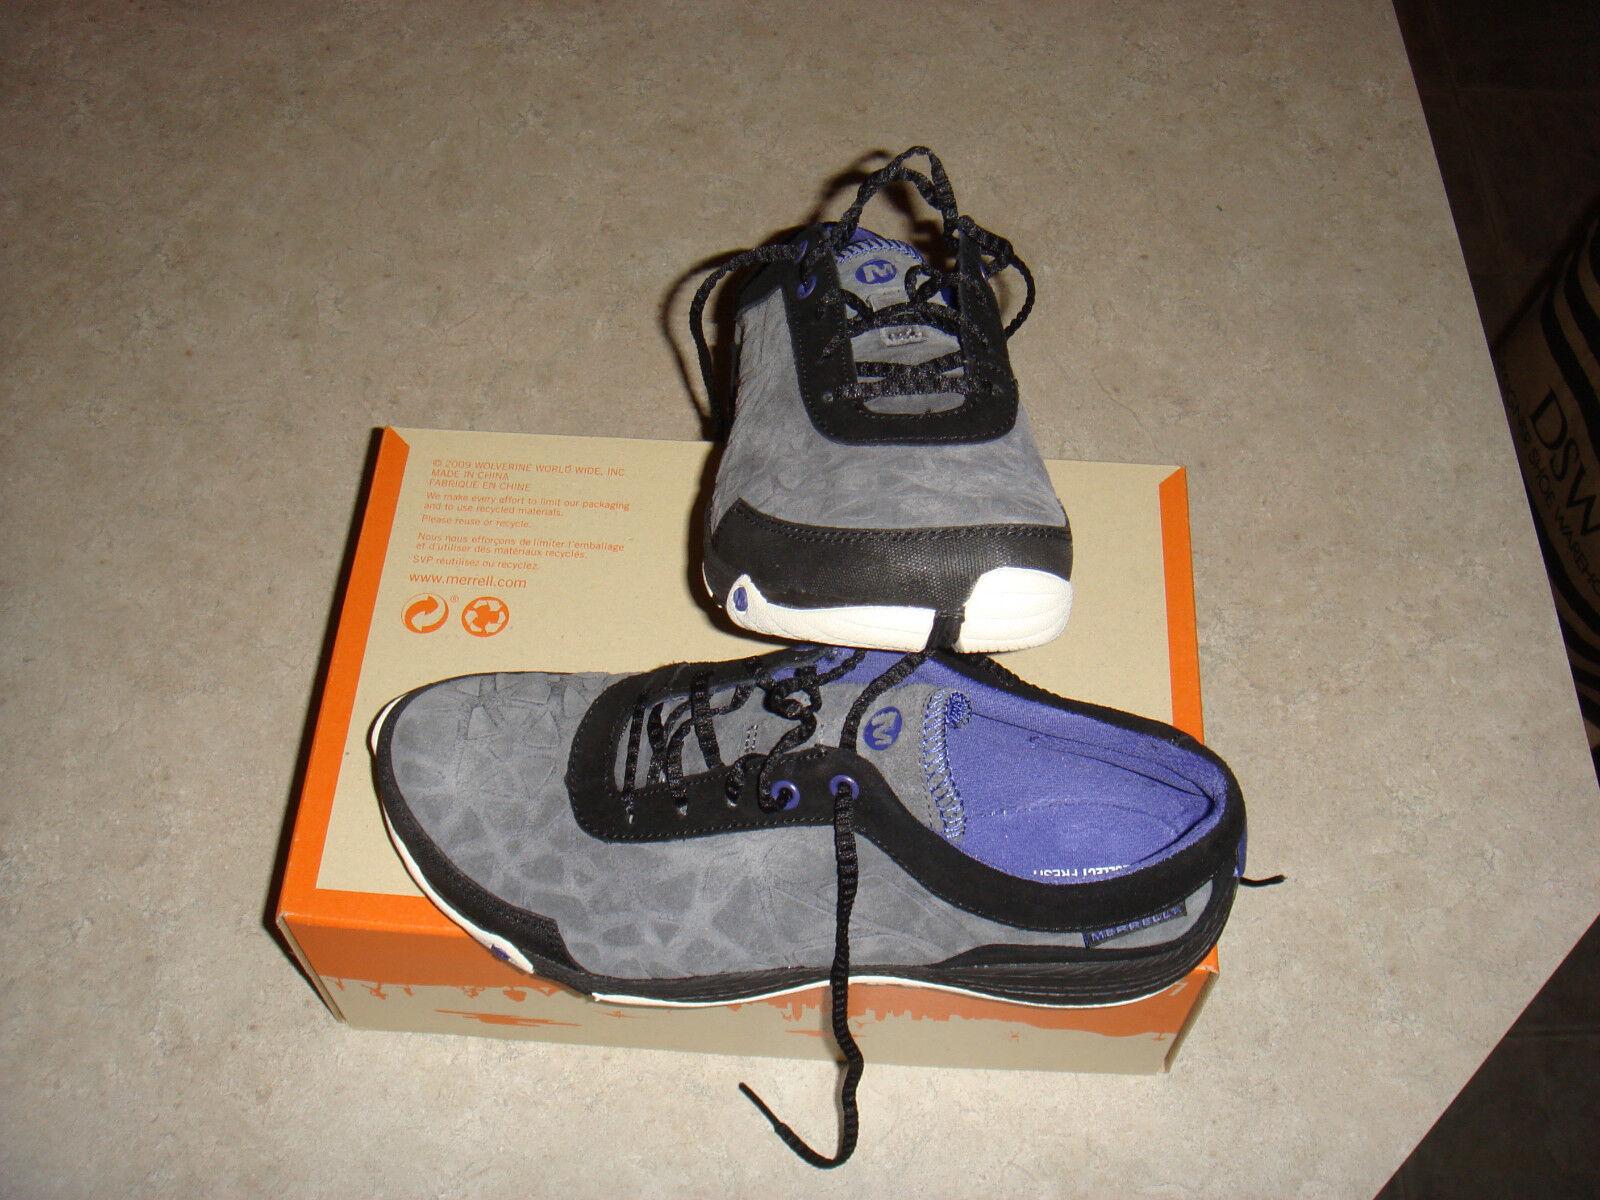 Merrell  AllOut Leap  J55522 Shoe Black Hiking Sneaker Women's US Size 7